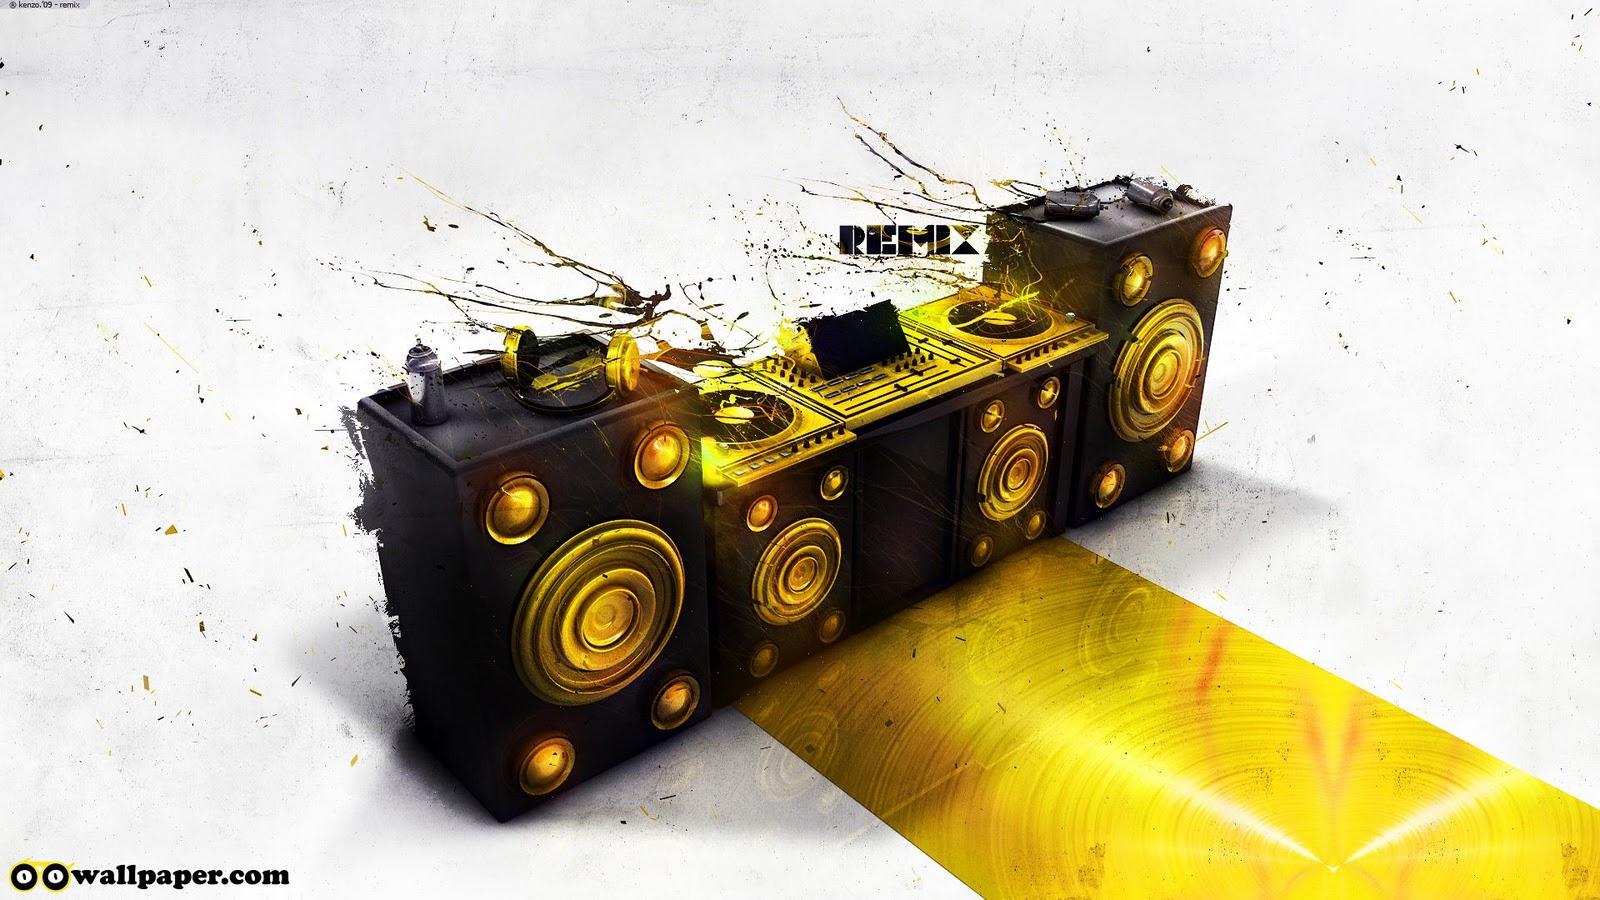 http://3.bp.blogspot.com/-Z4KwGZD26wM/TxbYc3pQLFI/AAAAAAAADgM/U0dWjQ0STf0/s1600/oo_boom_box_002.jpg